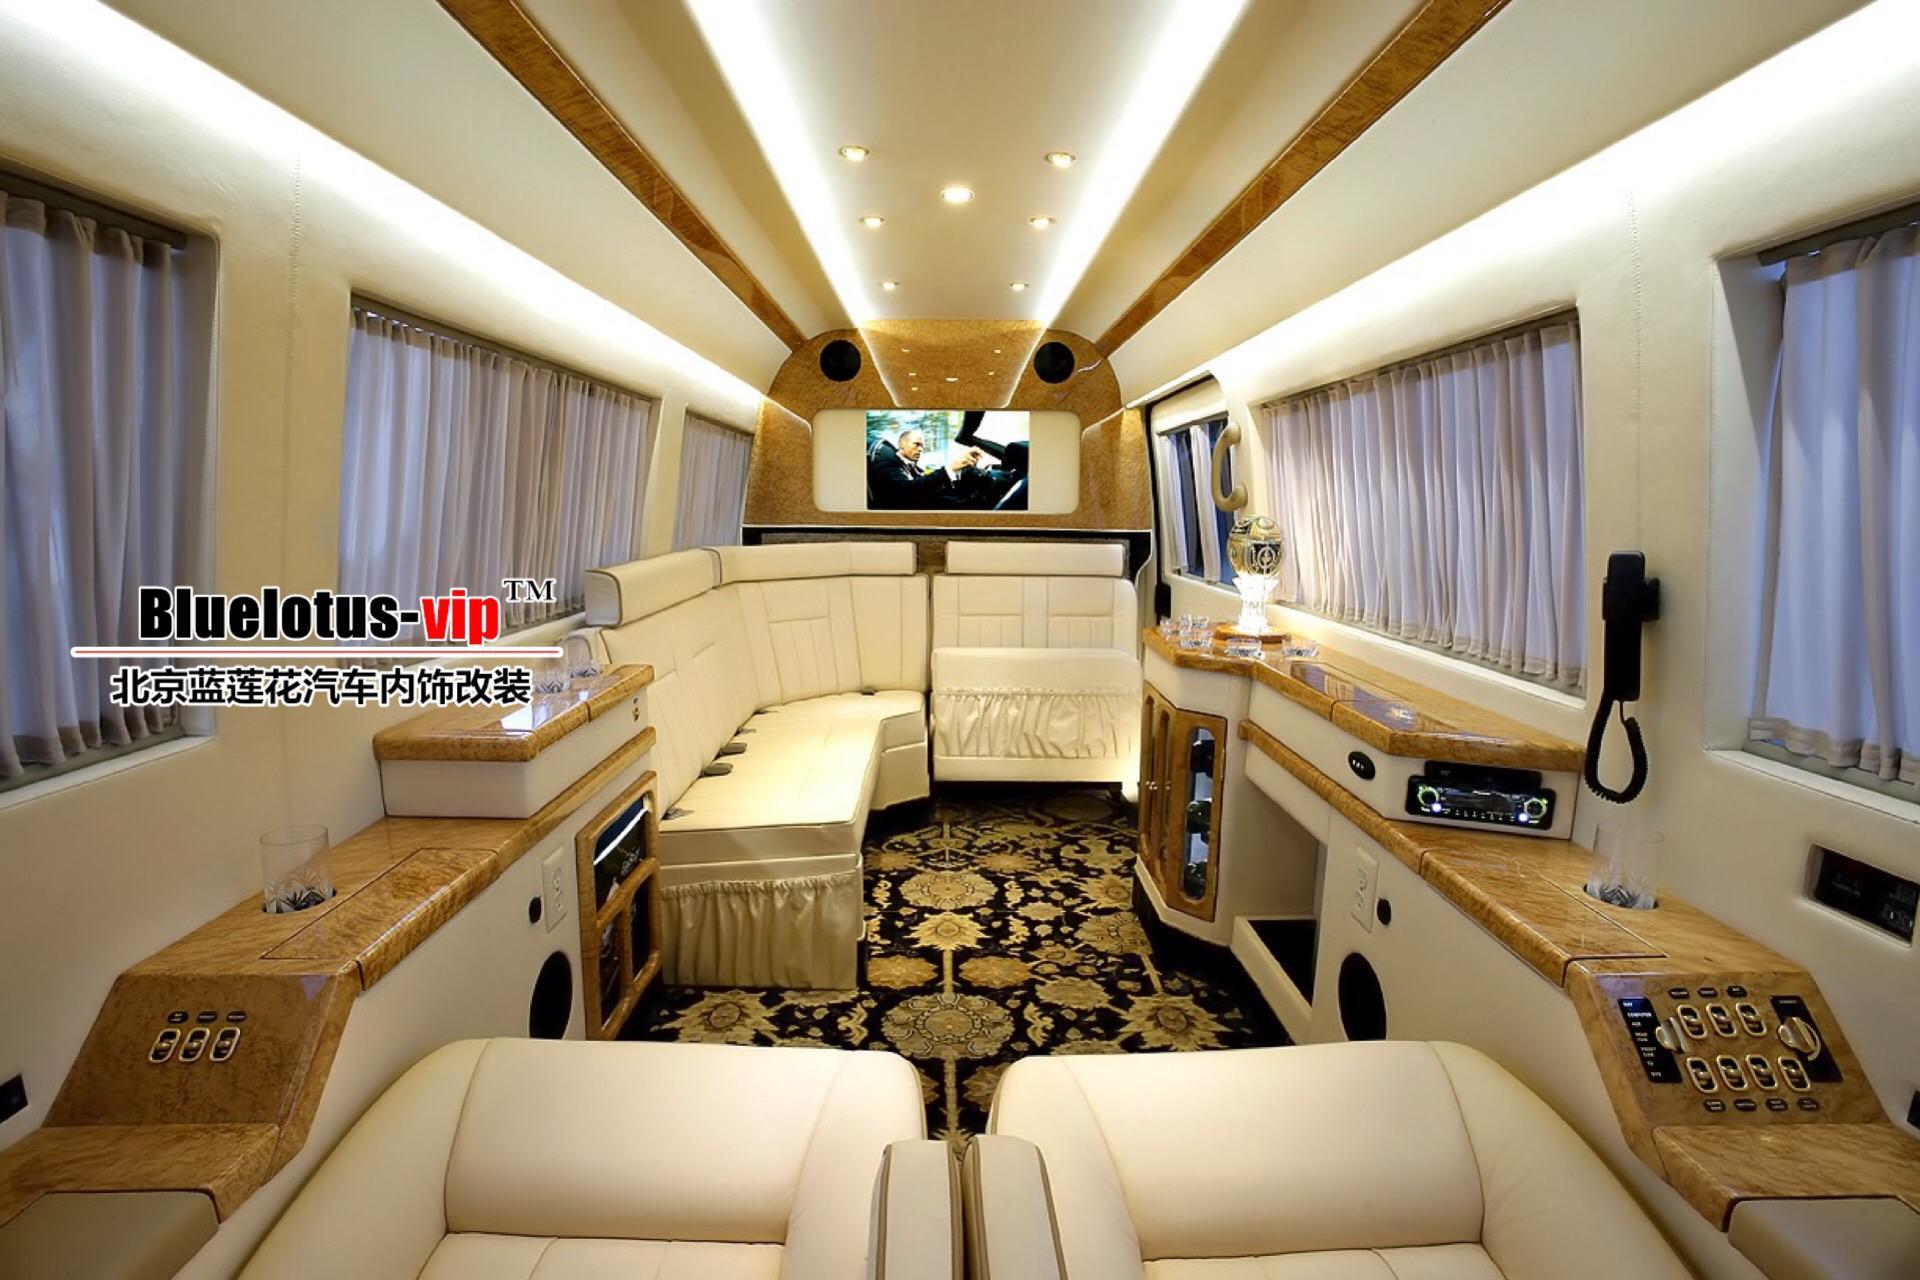 斯賓特324,524改裝房車內飾 高端品質內飾定制服務圖片